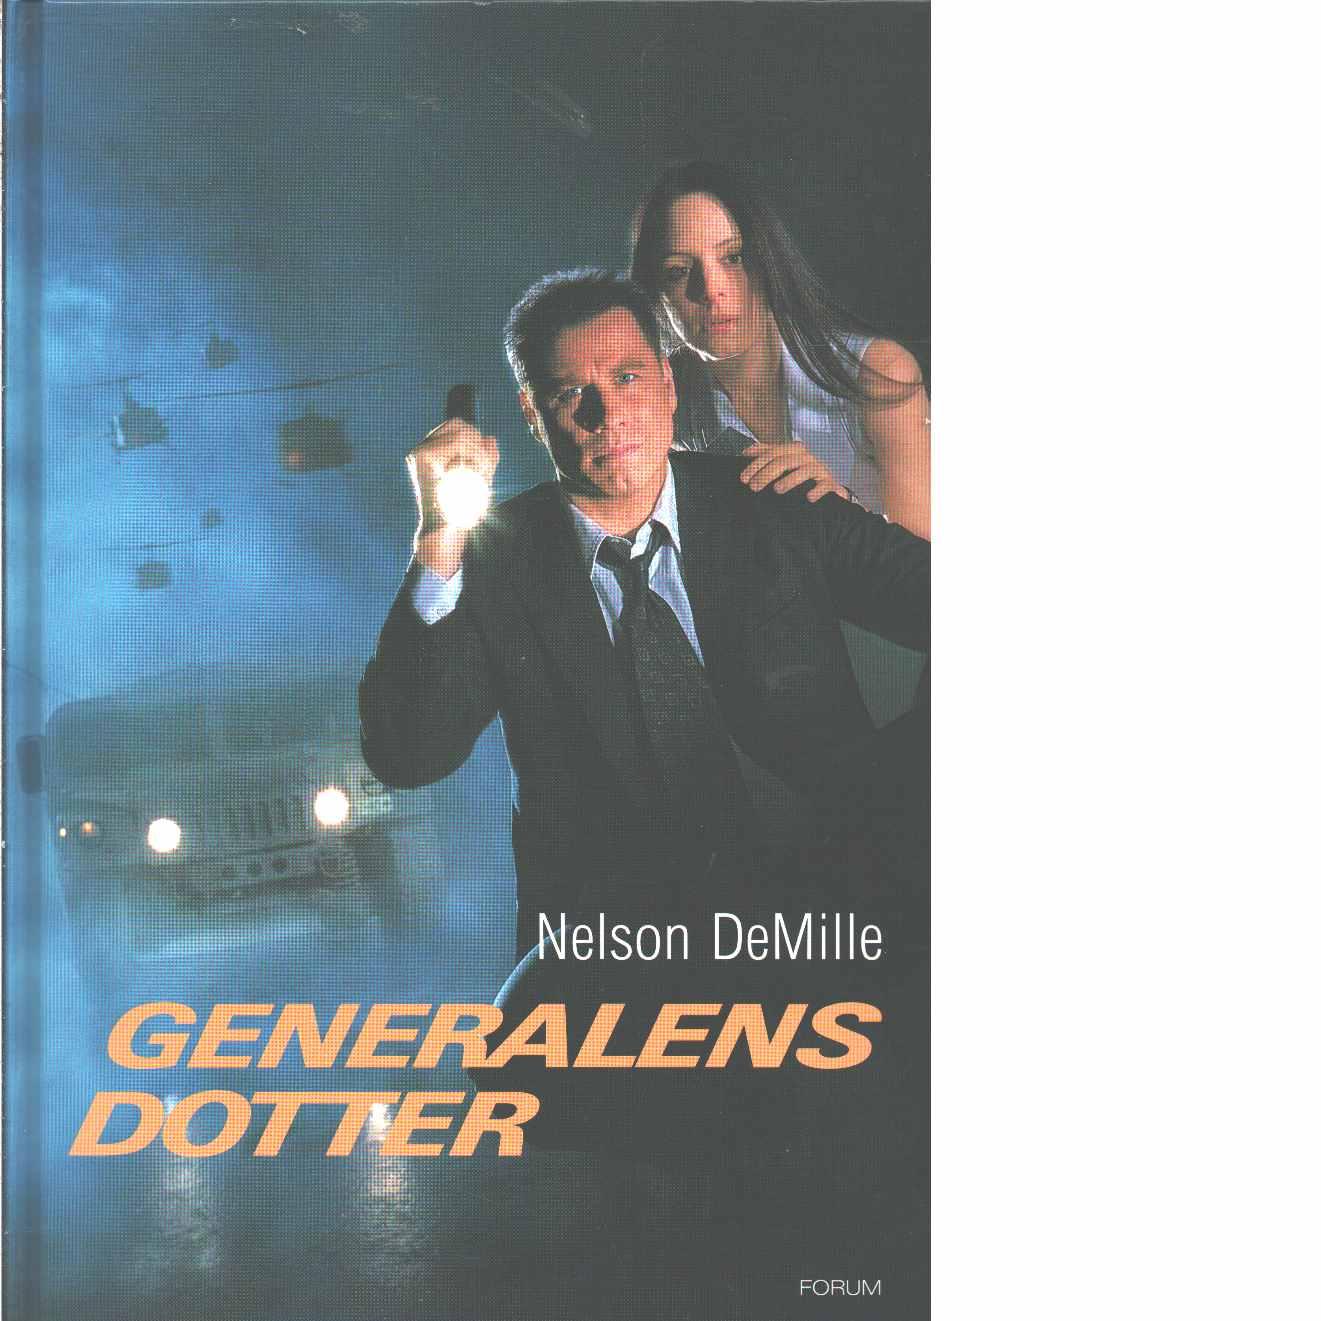 Generalens dotter - DeMille, Nelson